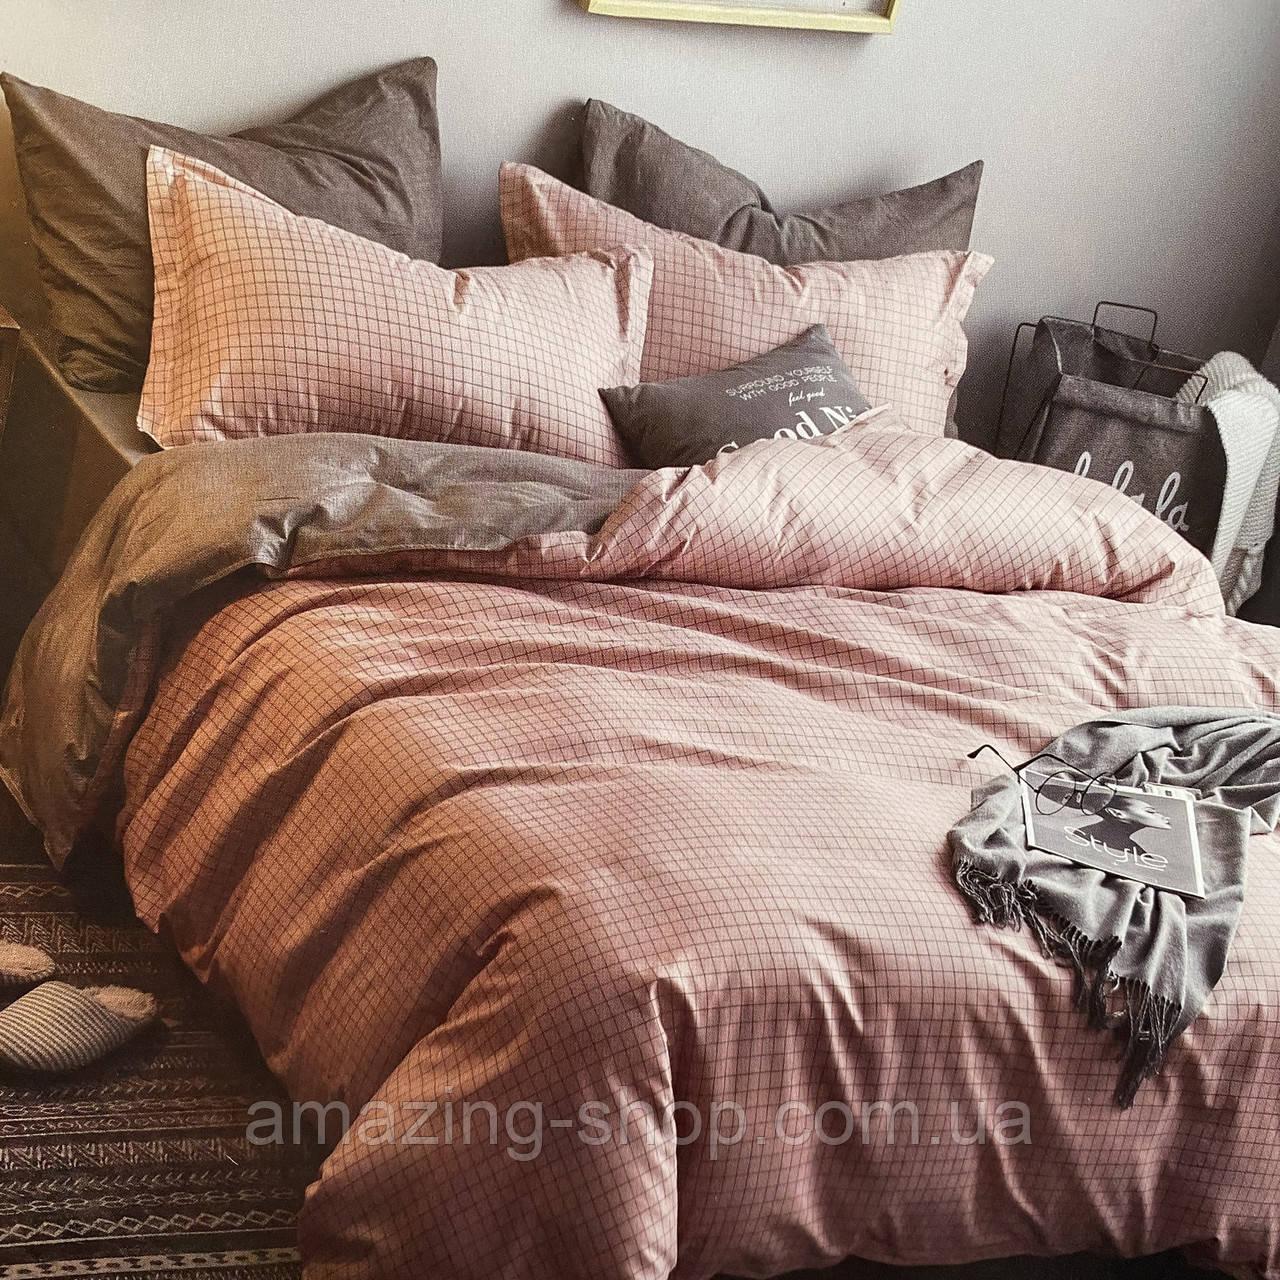 Постельное белье (простынь на резинке)   Двуспальный комплект постельного белья   Постільна білизна